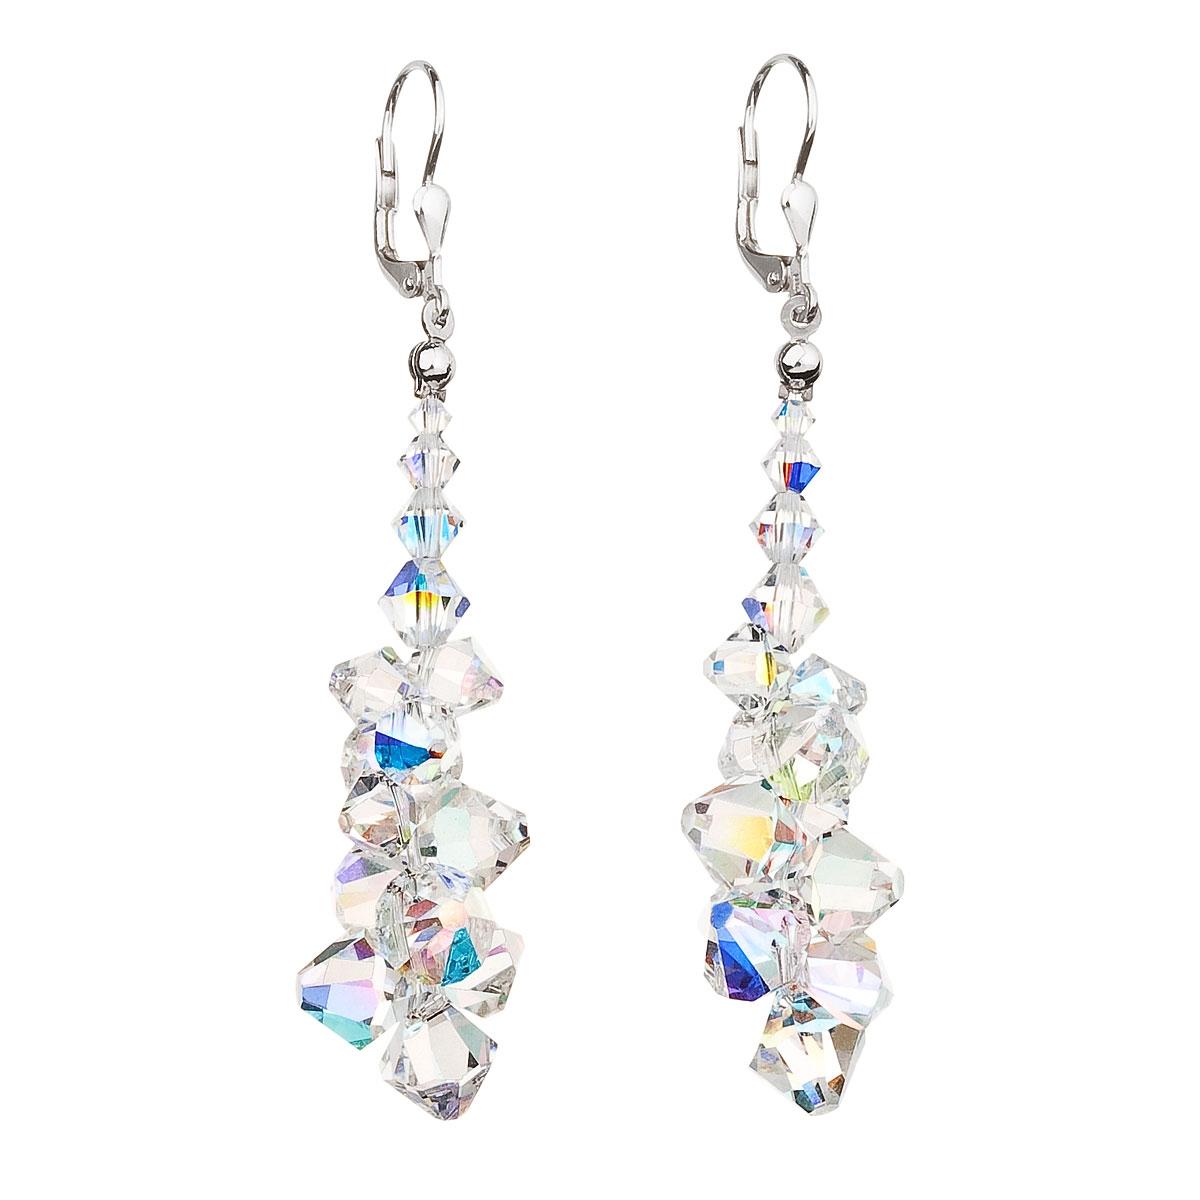 Stříbrné visací náušnice s krystaly Crystals from Swarovski ... 5b75f0aa389